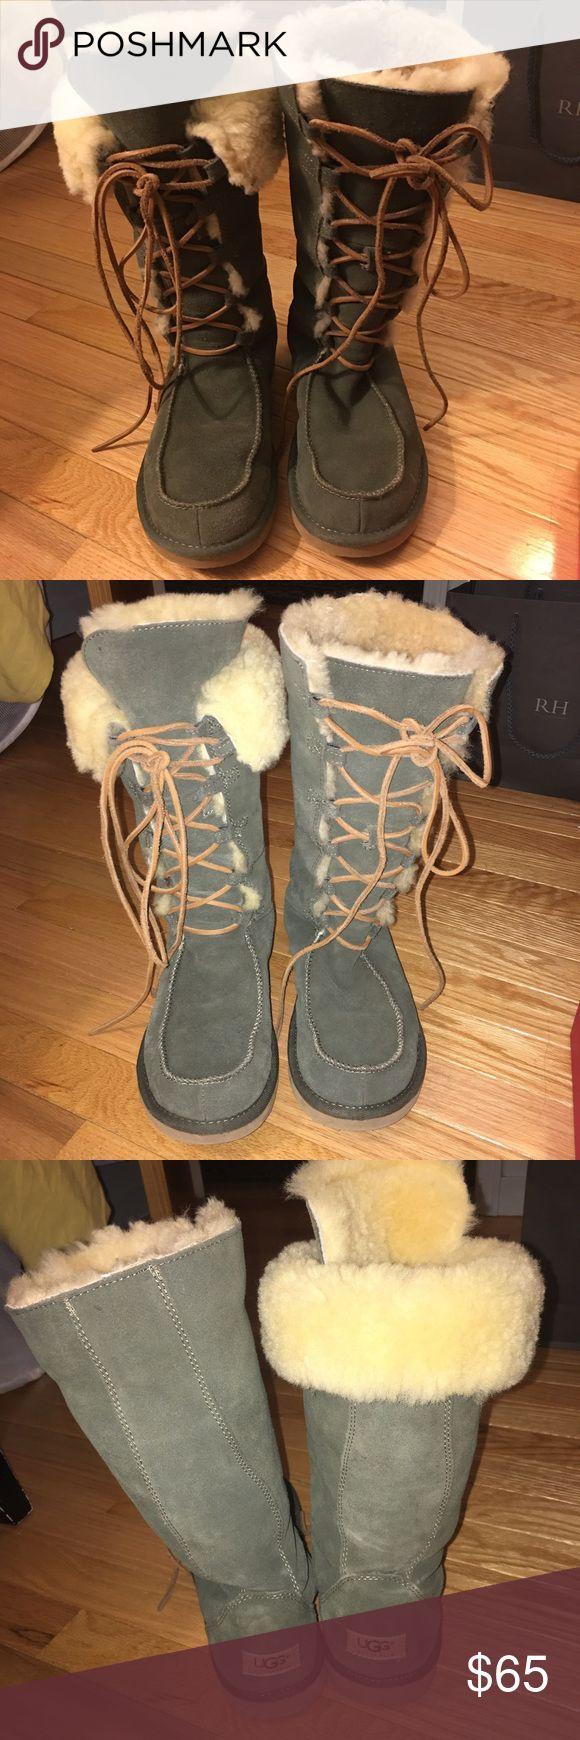 1000 ideas about ugg boots on pinterest ugg boots ugg. Black Bedroom Furniture Sets. Home Design Ideas